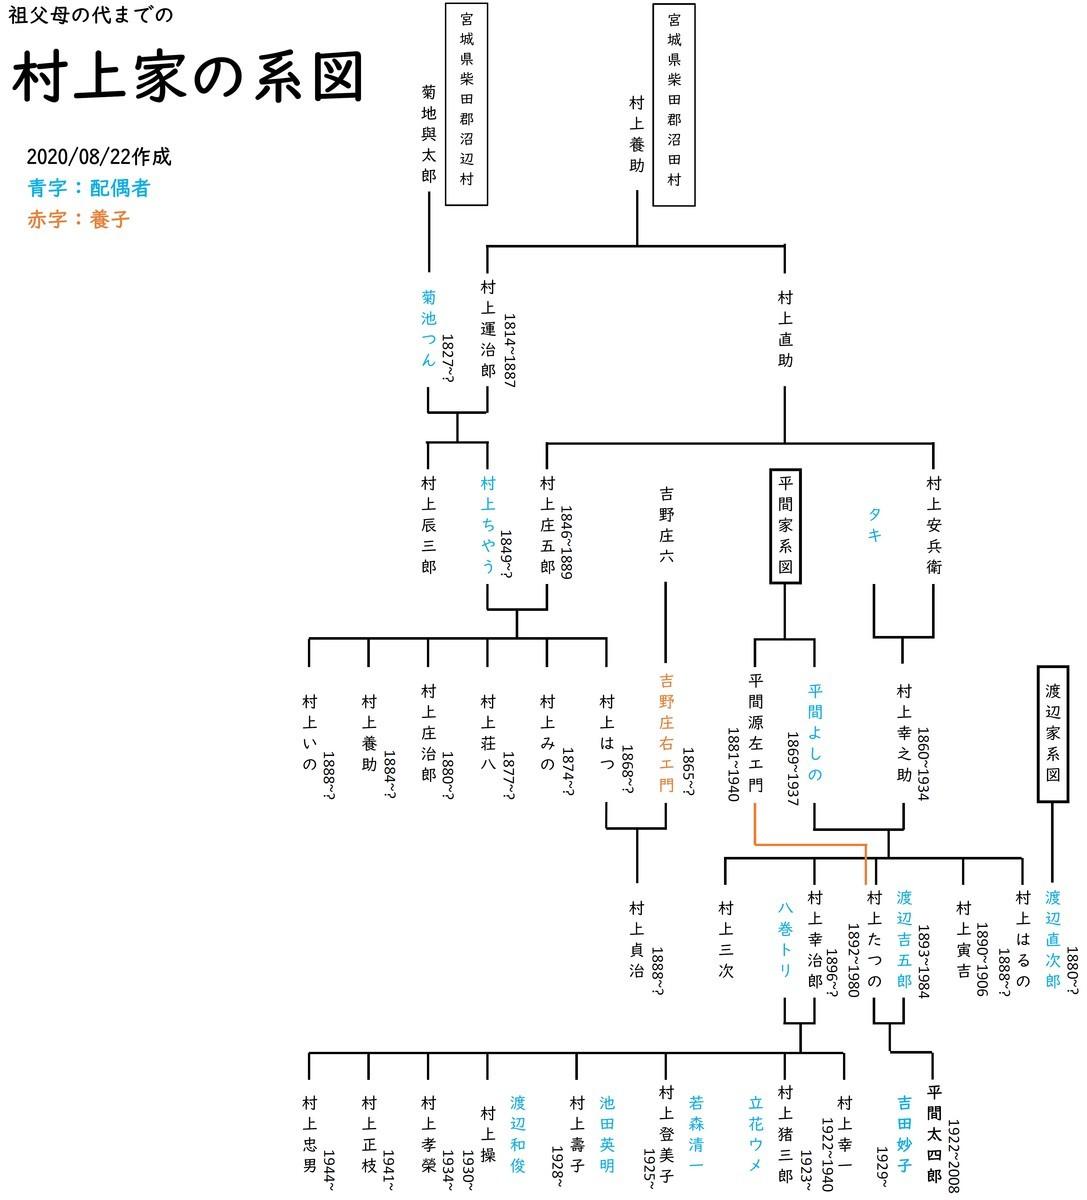 f:id:kensuke1108:20200823012348j:plain